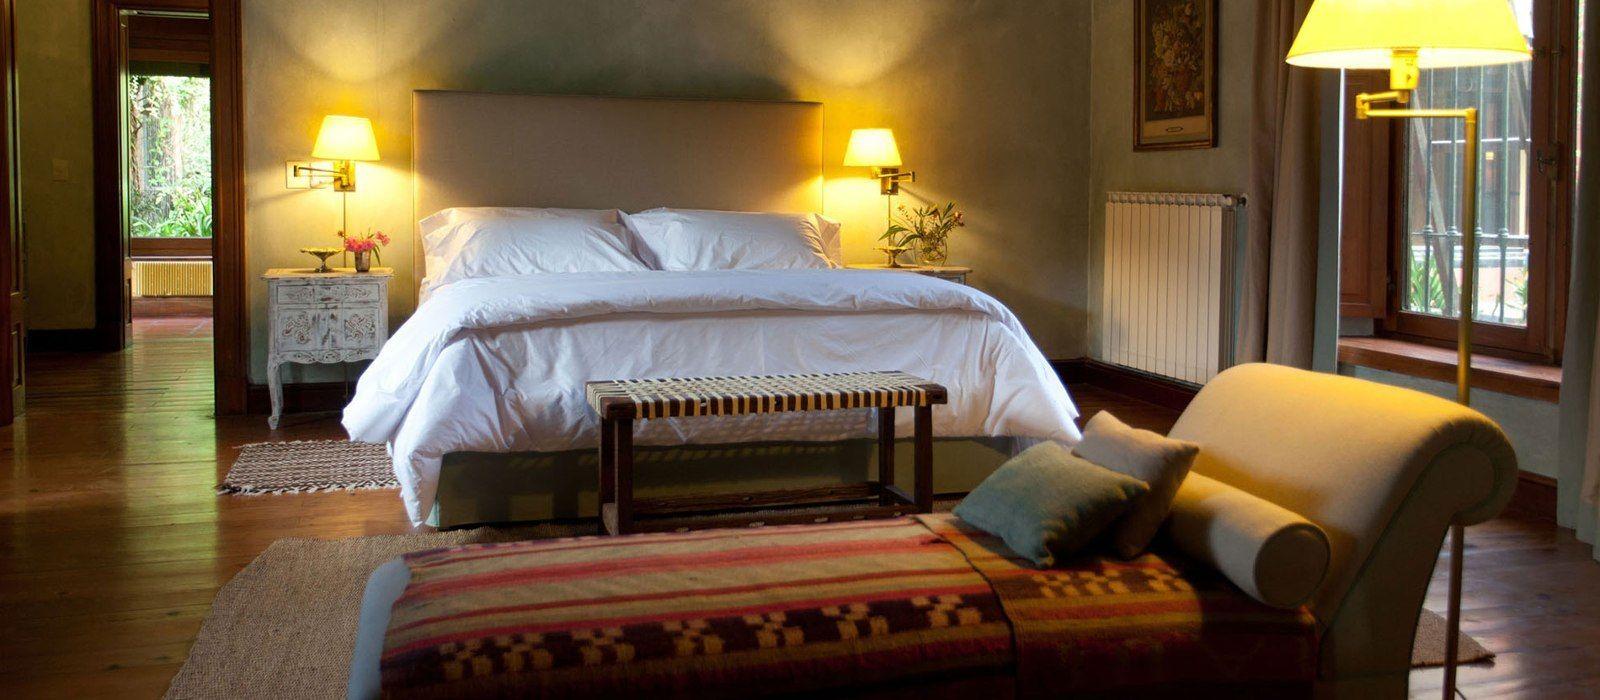 Hotel La Candelaria del Monte Argentinien